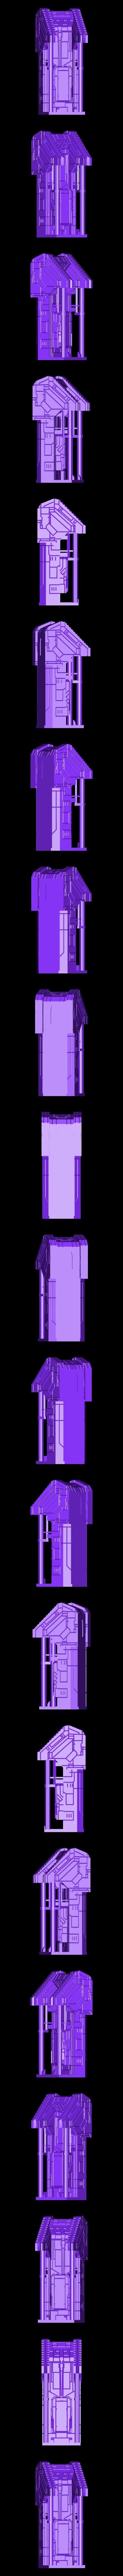 HULL-rear.STL Télécharger fichier STL gratuit Cybran T2 Destroyer - Salem Class • Plan à imprimer en 3D, Steyrc